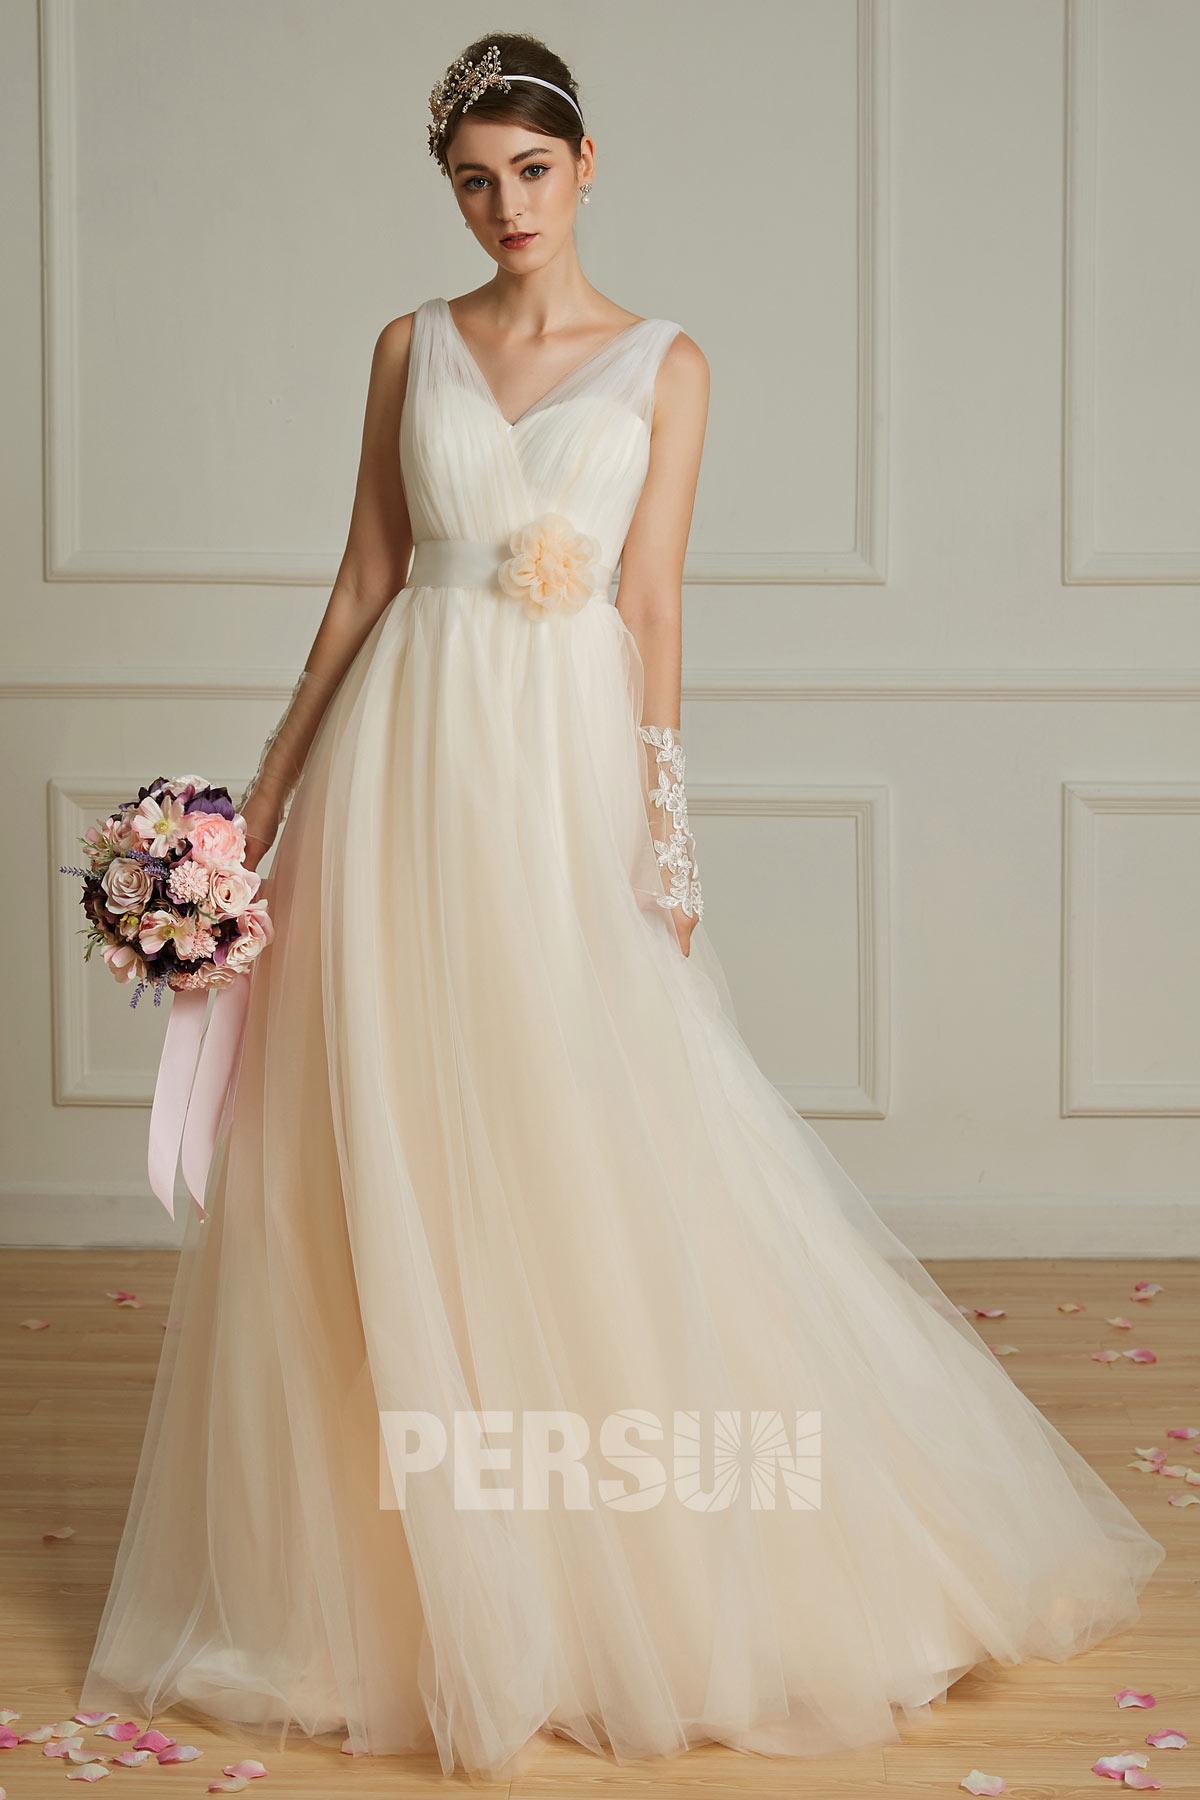 robe de mariée simple champagne clair dos en v à ceinture fleurie